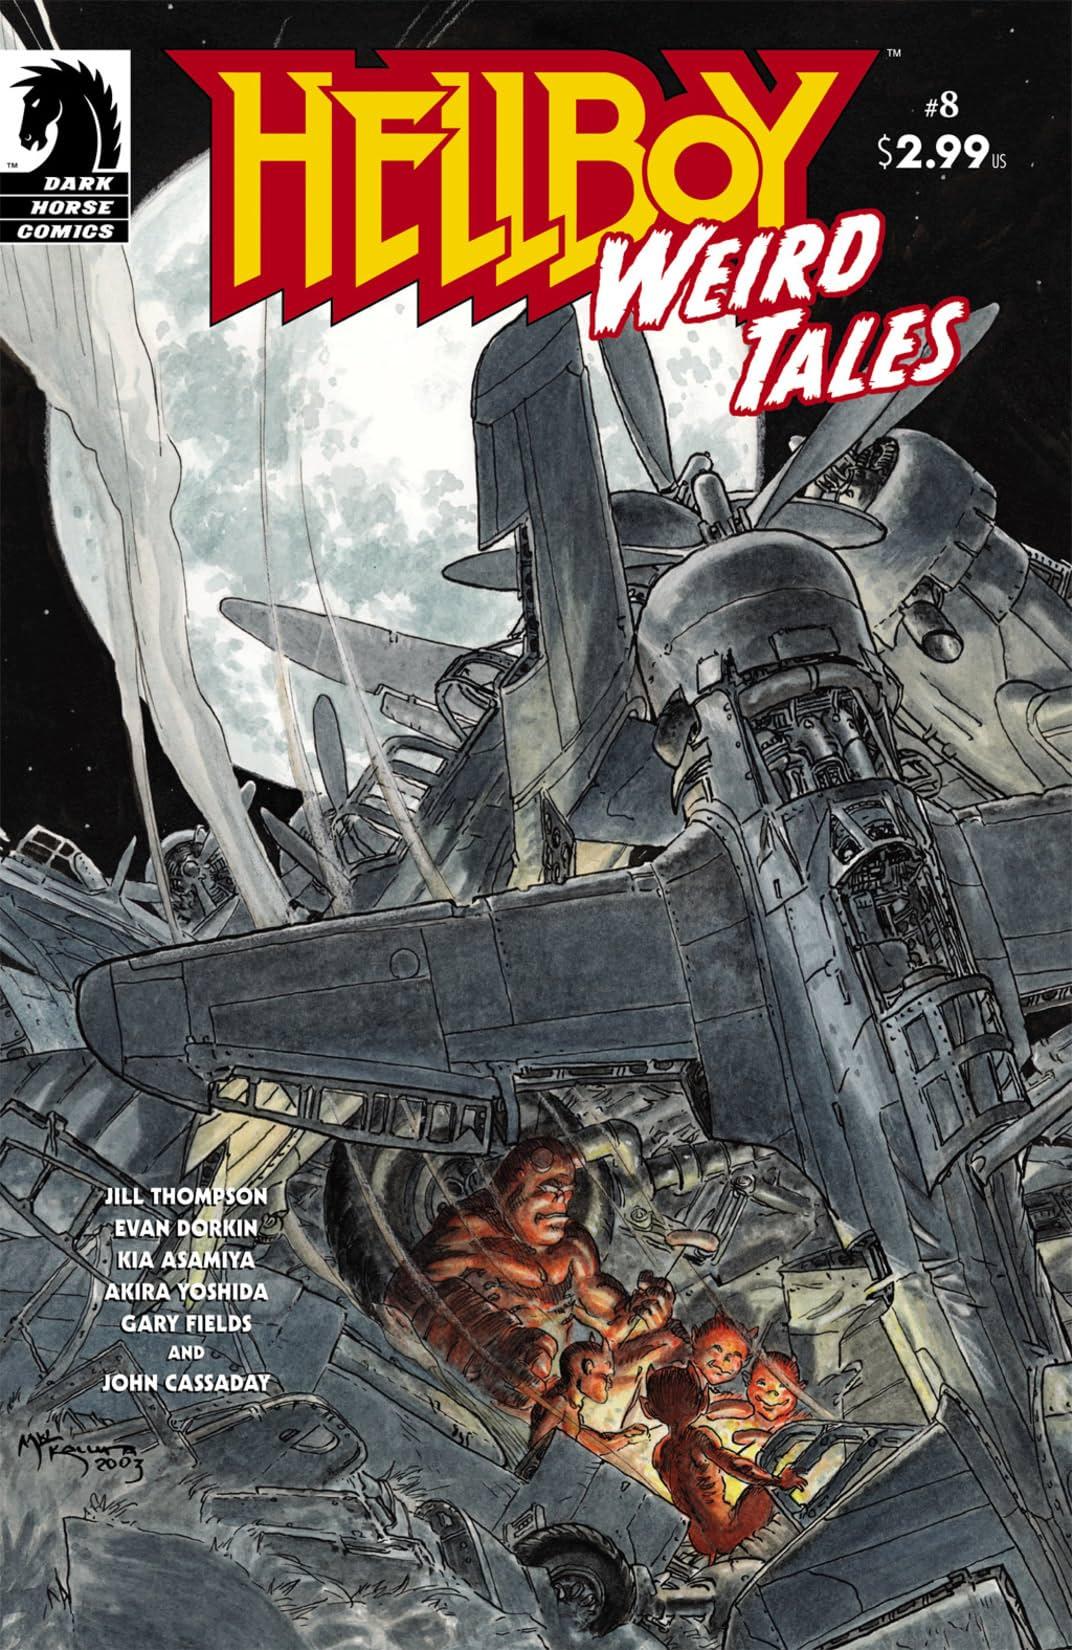 Hellboy: Weird Tales #8